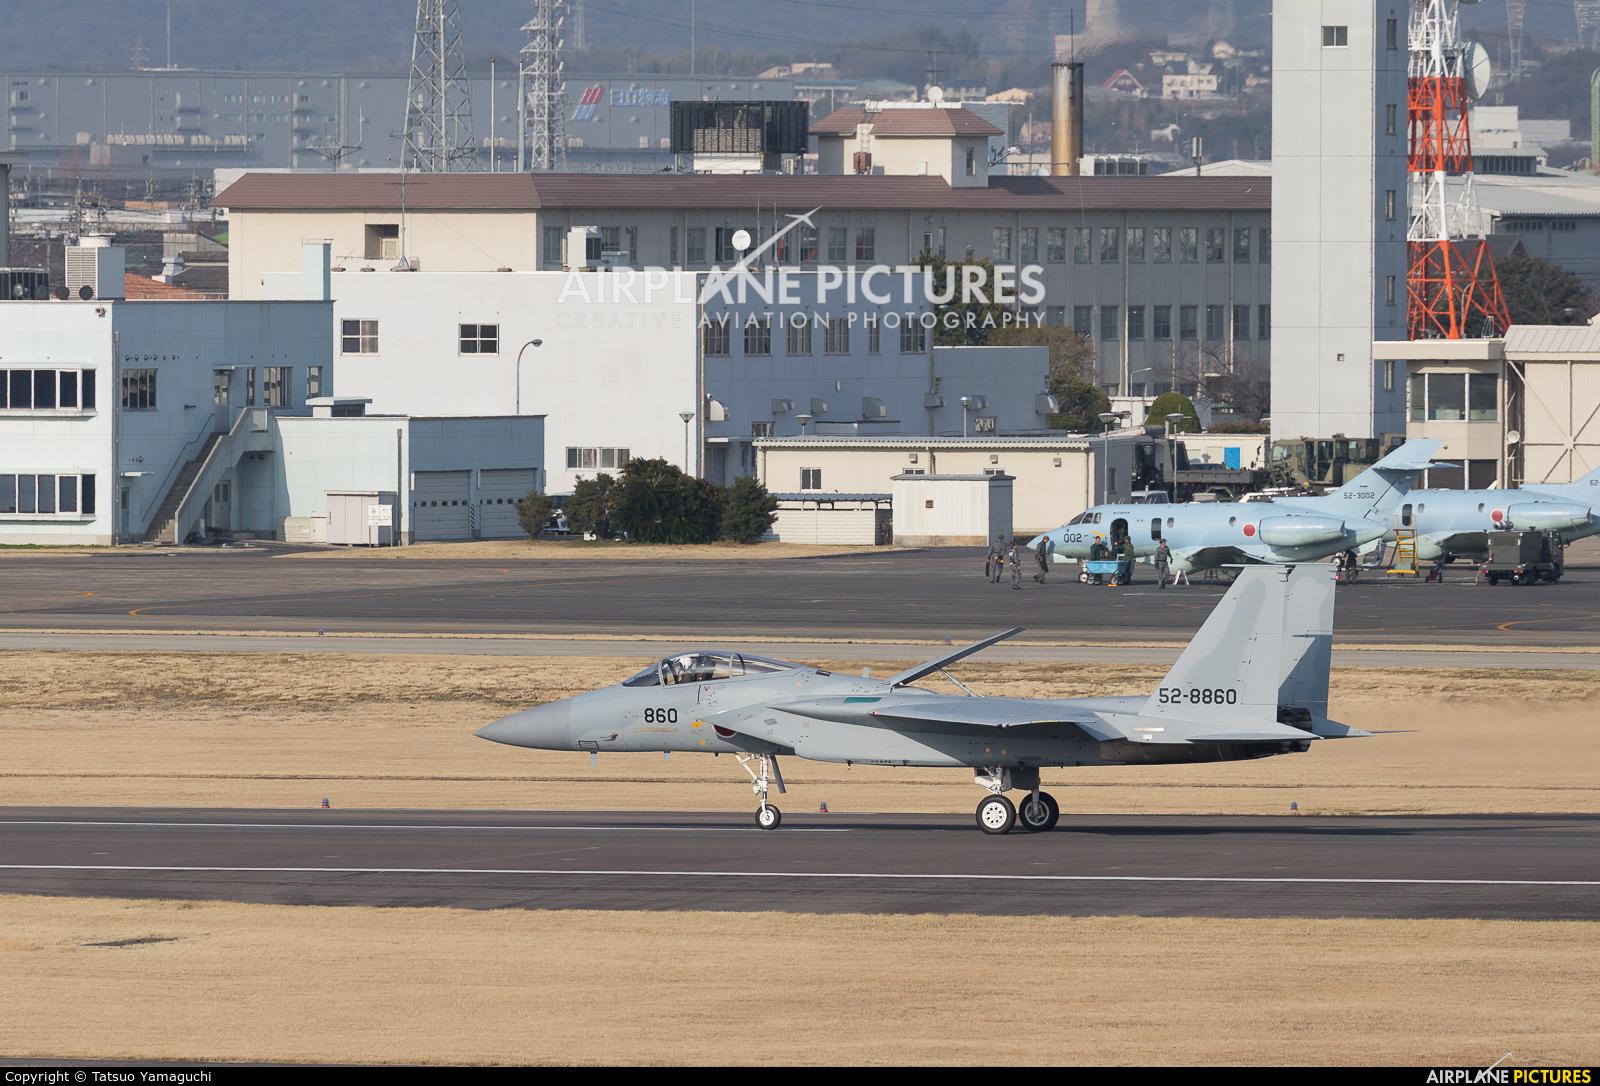 Japan - Air Self Defence Force 52-8860 aircraft at Nagoya - Komaki AB